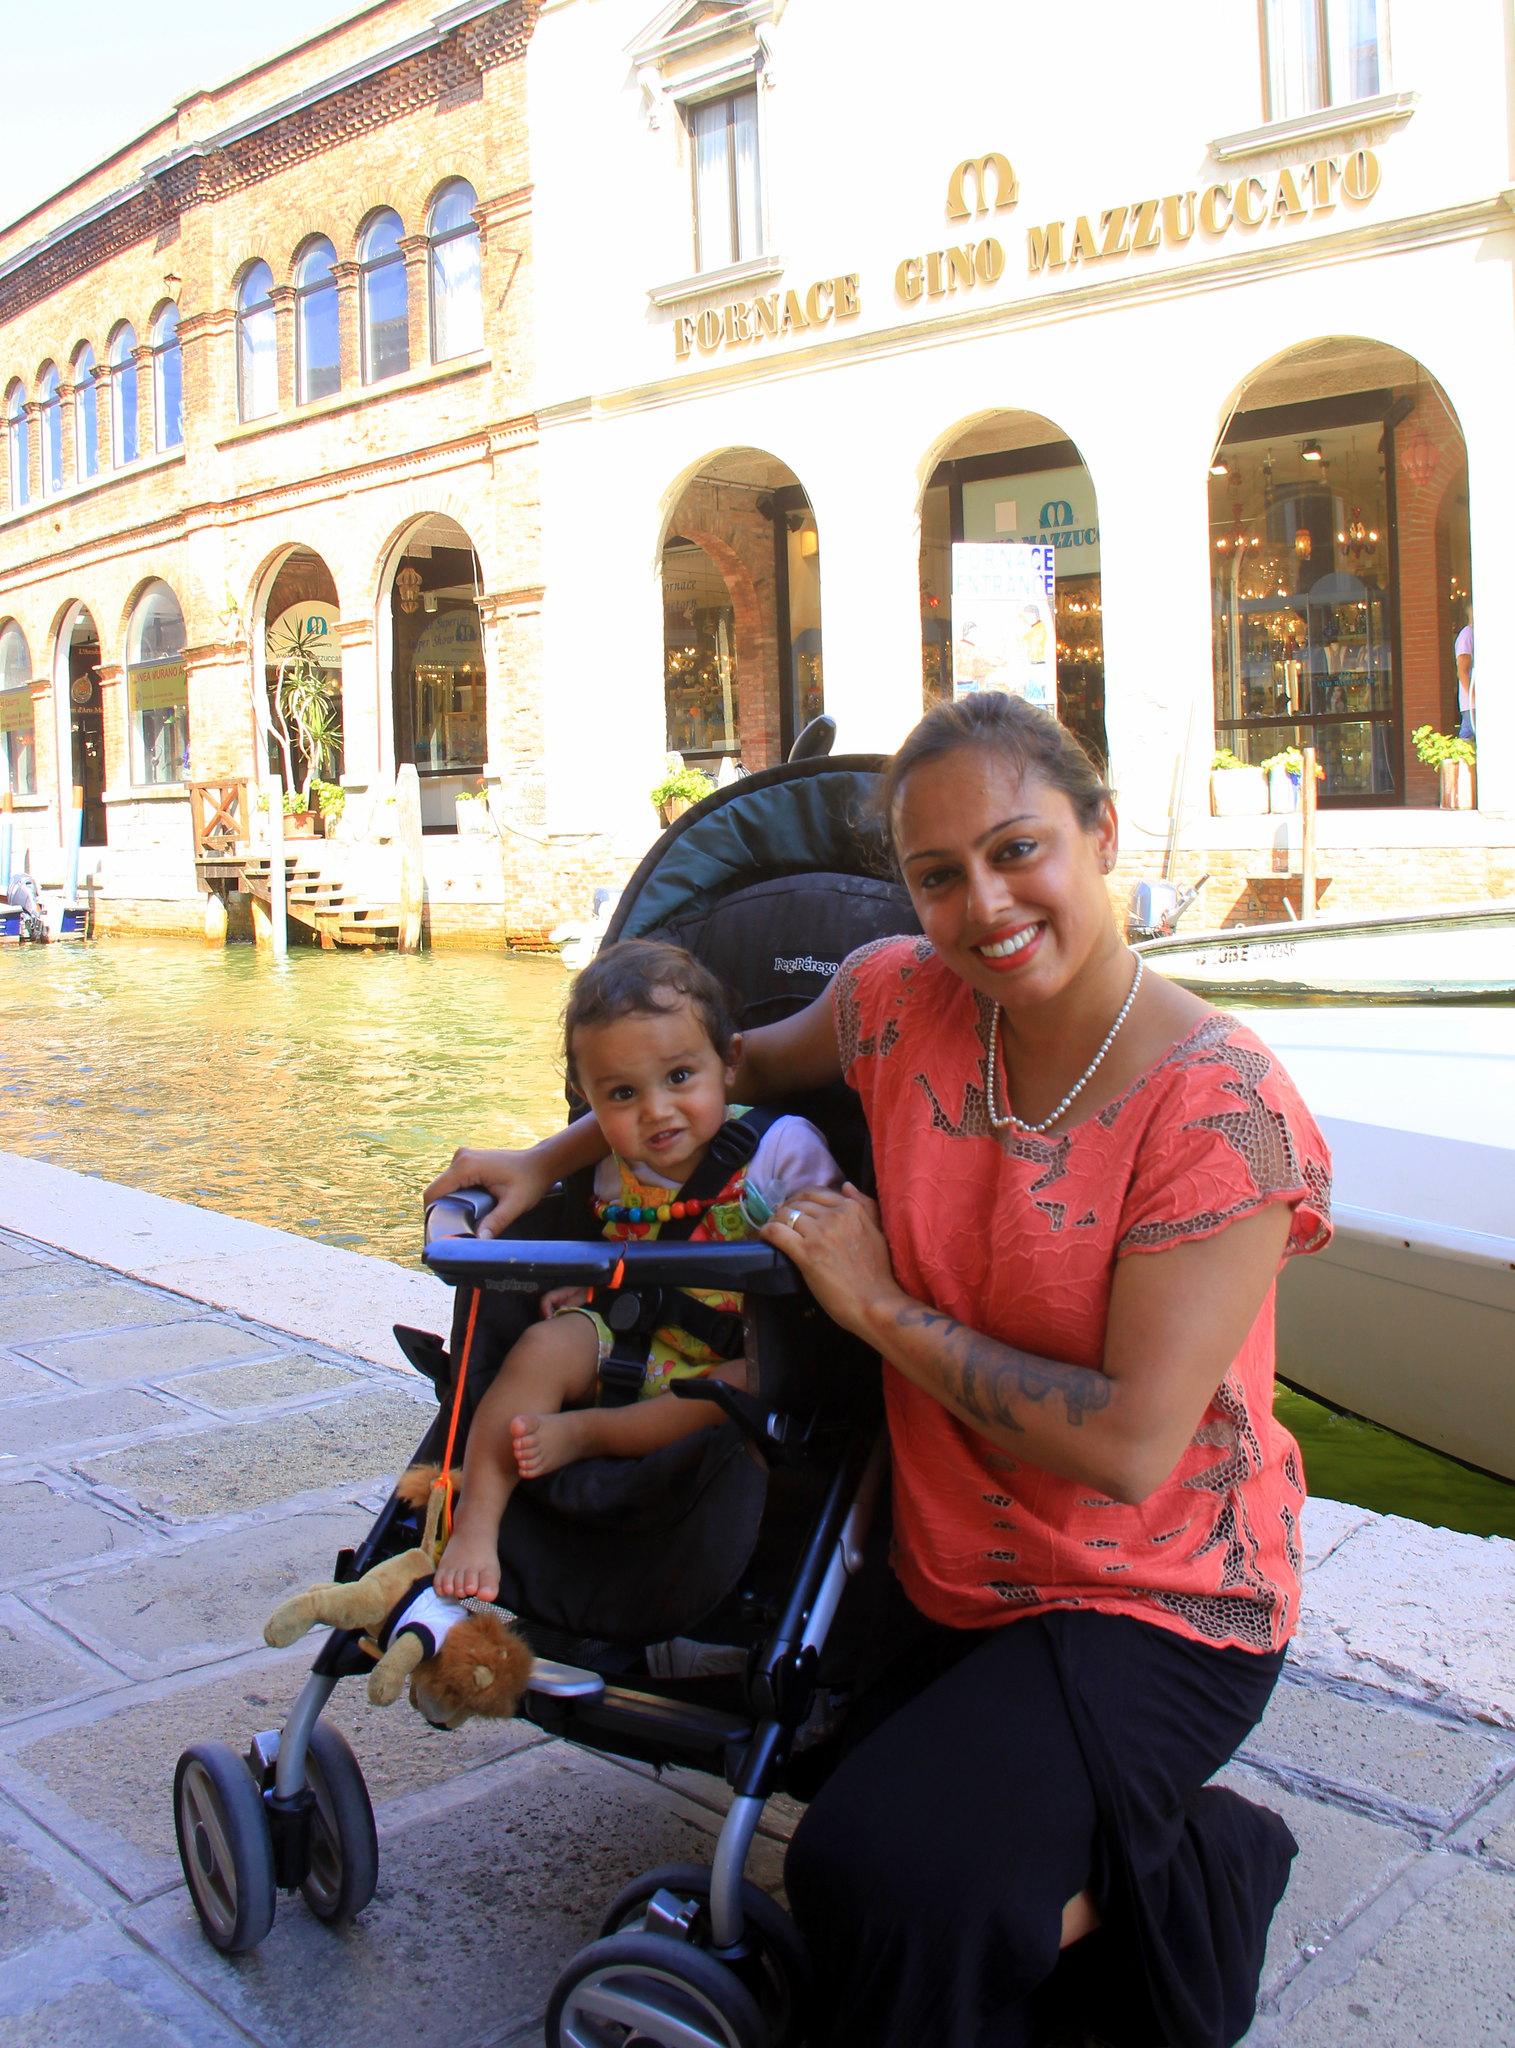 Enjoying the calmness of Murano